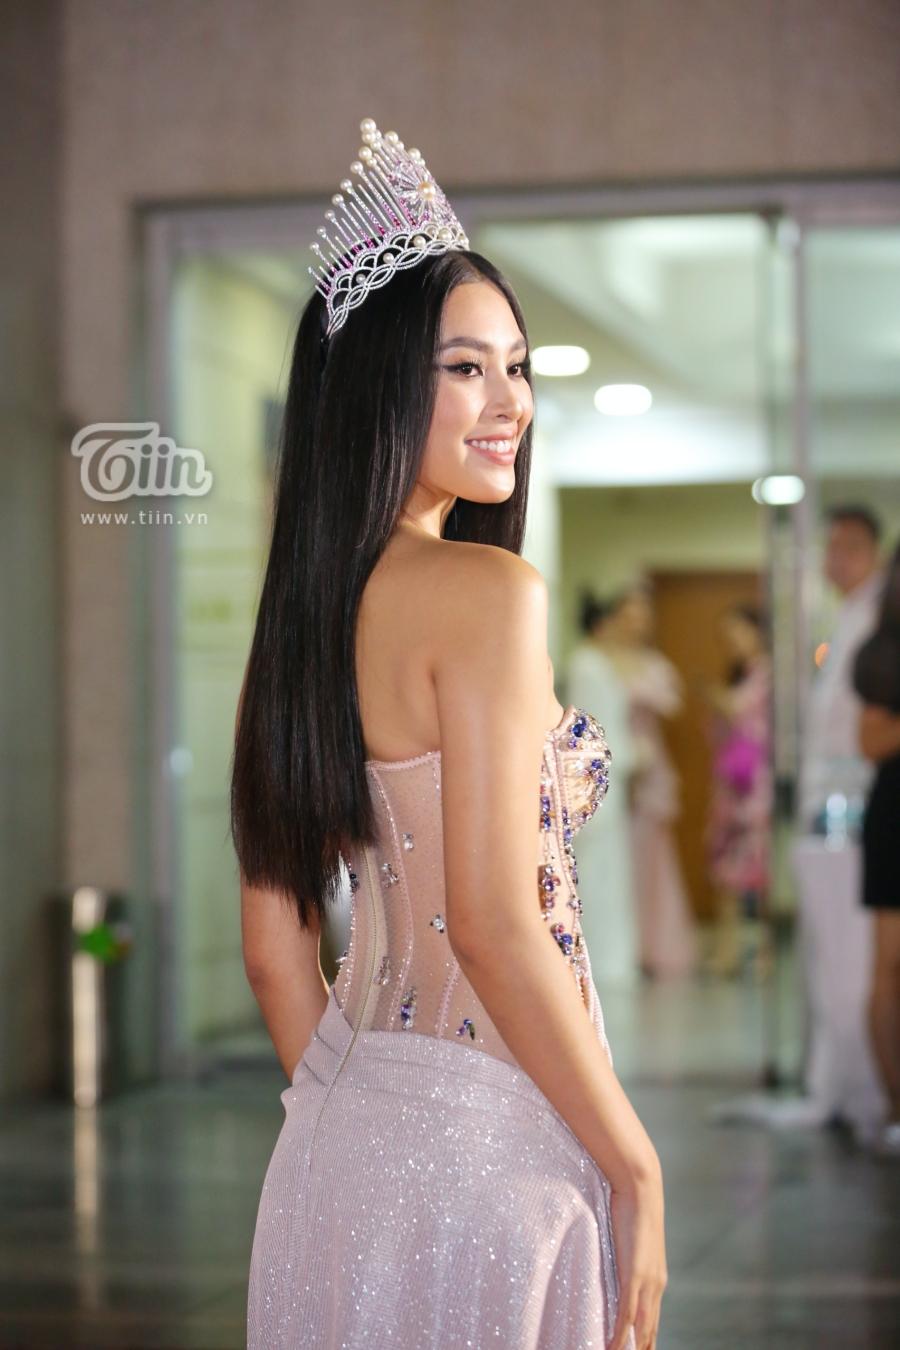 Hoa hậu Việt Nam 2018 Trần Tiểu Vy 'o ép' vòng 1 với chiếc đầm cúp ngực đính kim sa lấp lánh. Nói không ngoa khi gọi Tiểu Vy là chủ nhân của mọi 'spotlight' vào đêm nay với sắc vóc ngày càng gợi cảm, như lột xác hoàn toàn so với thời điểm mới đăng quang.